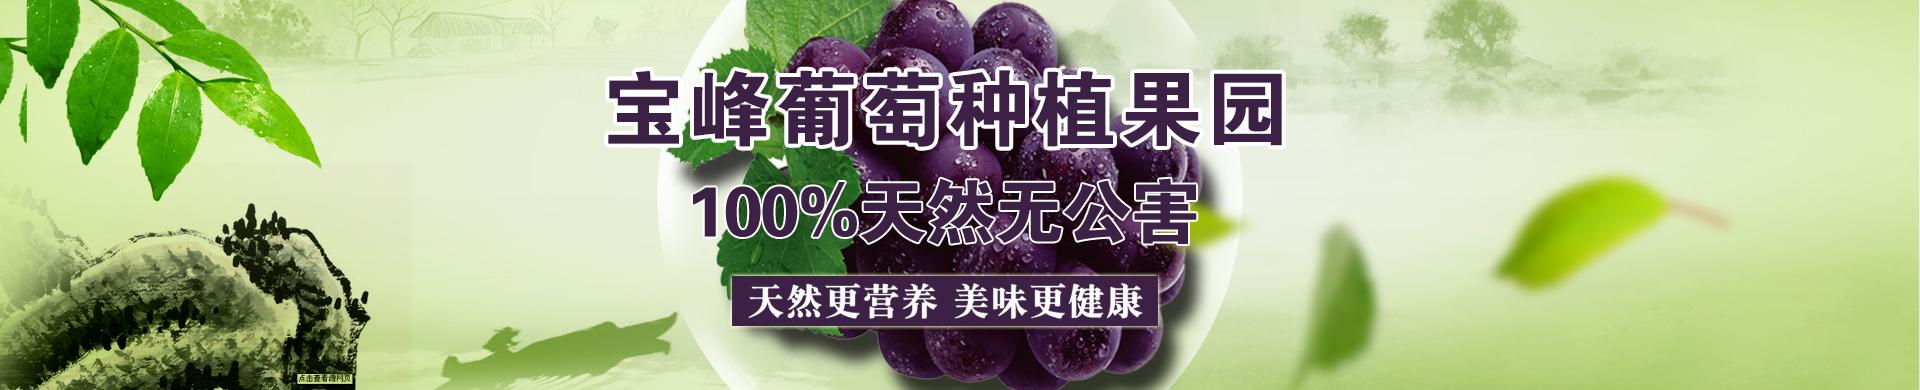 宝峰葡萄种植果园